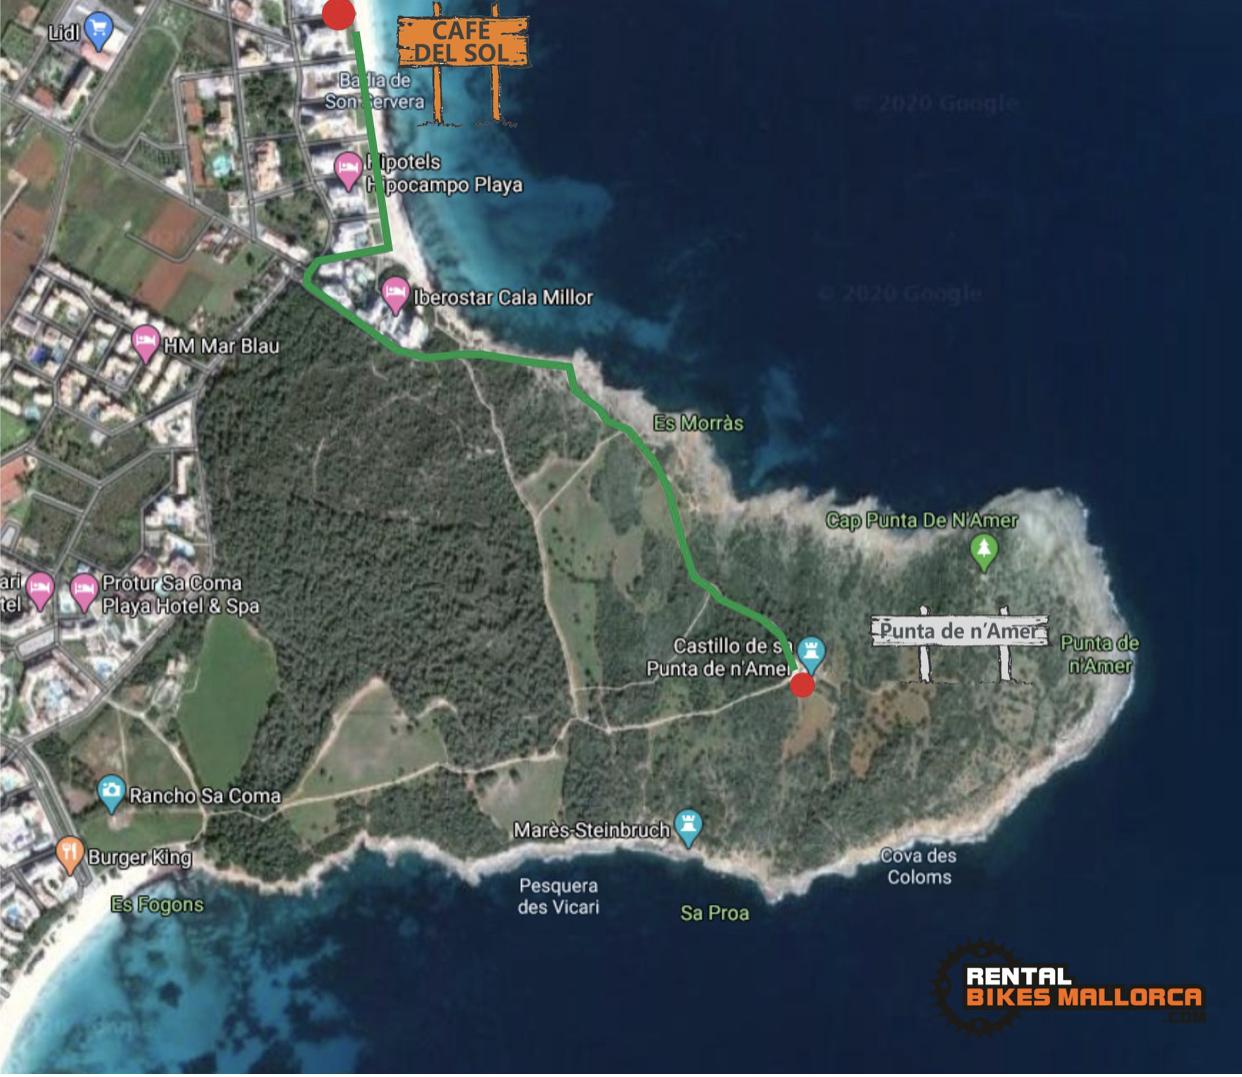 Alquiler de bicicletas Mallorca. Mapa Castillo Punta de N'Amer.IMG